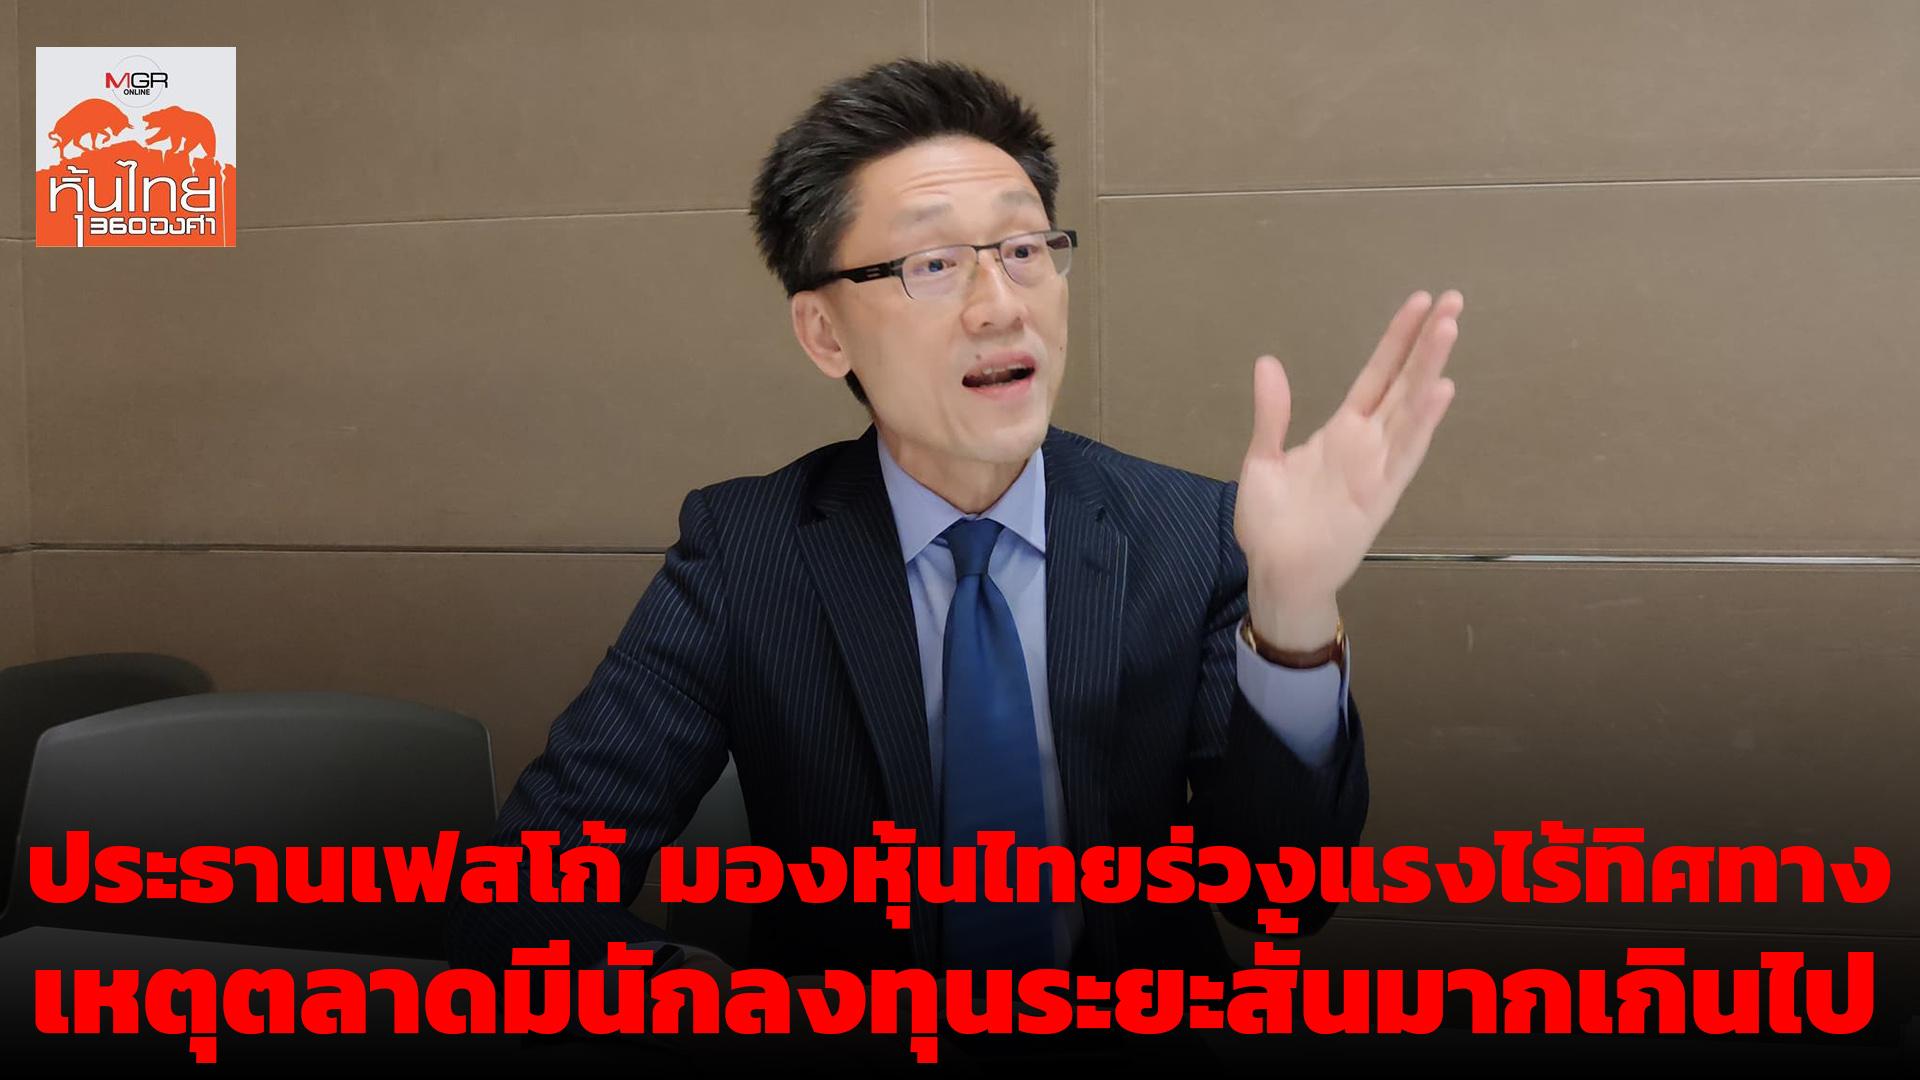 (รับชมคลิป) ประธานเฟสโก้ มองหุ้นไทยร่วงแรงไร้ทิศทาง เหตุตลาดมีนักลงทุนระยะสั้นมากเกินไป